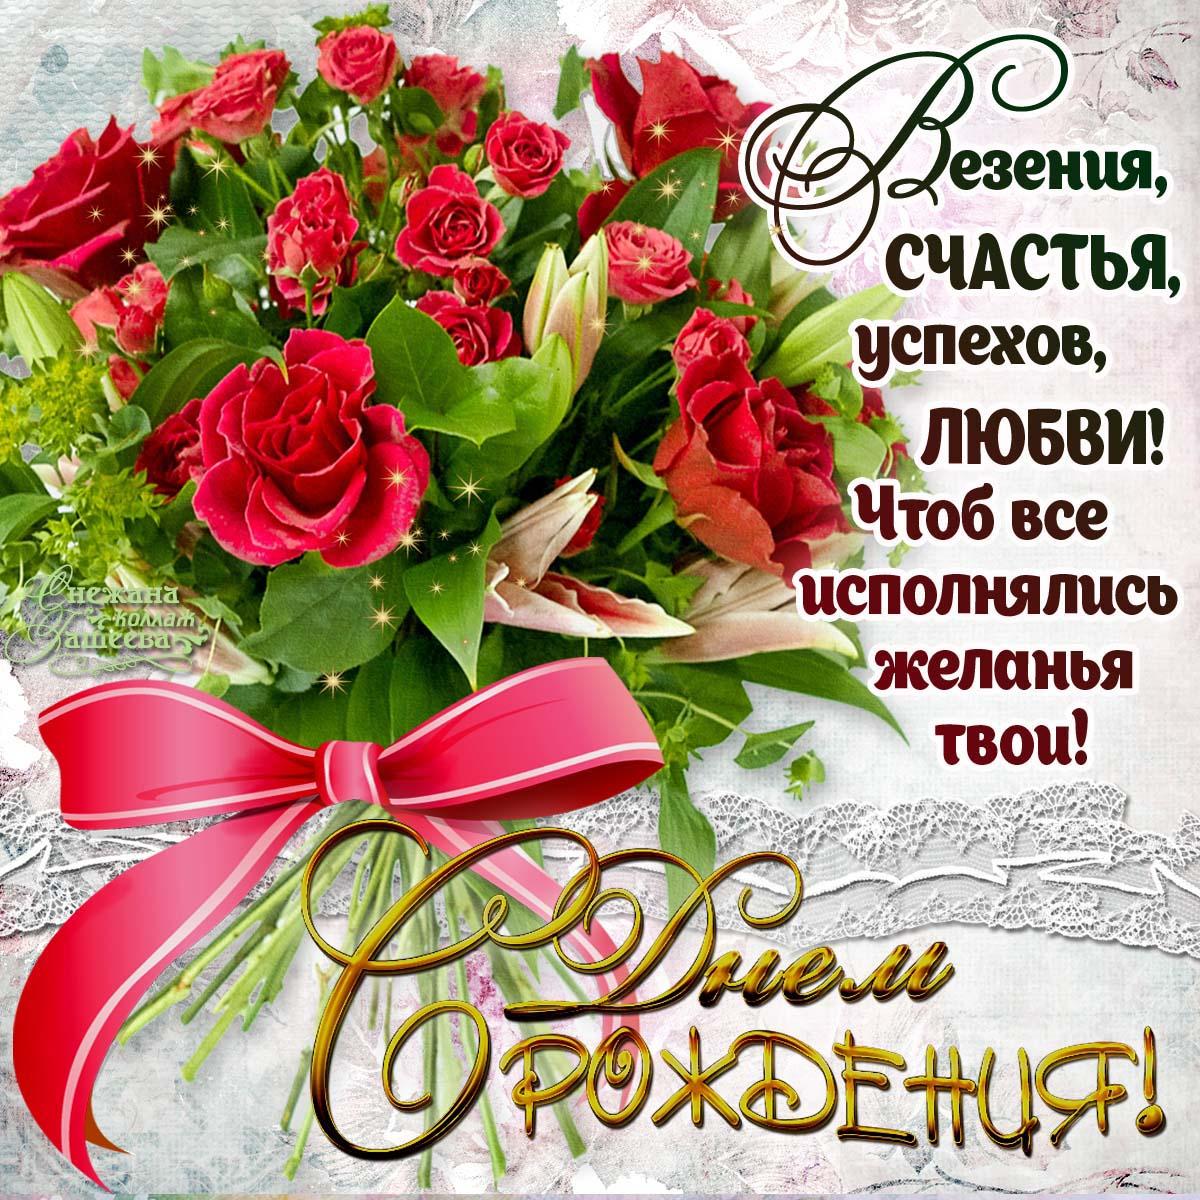 Поздравления х днем рождения